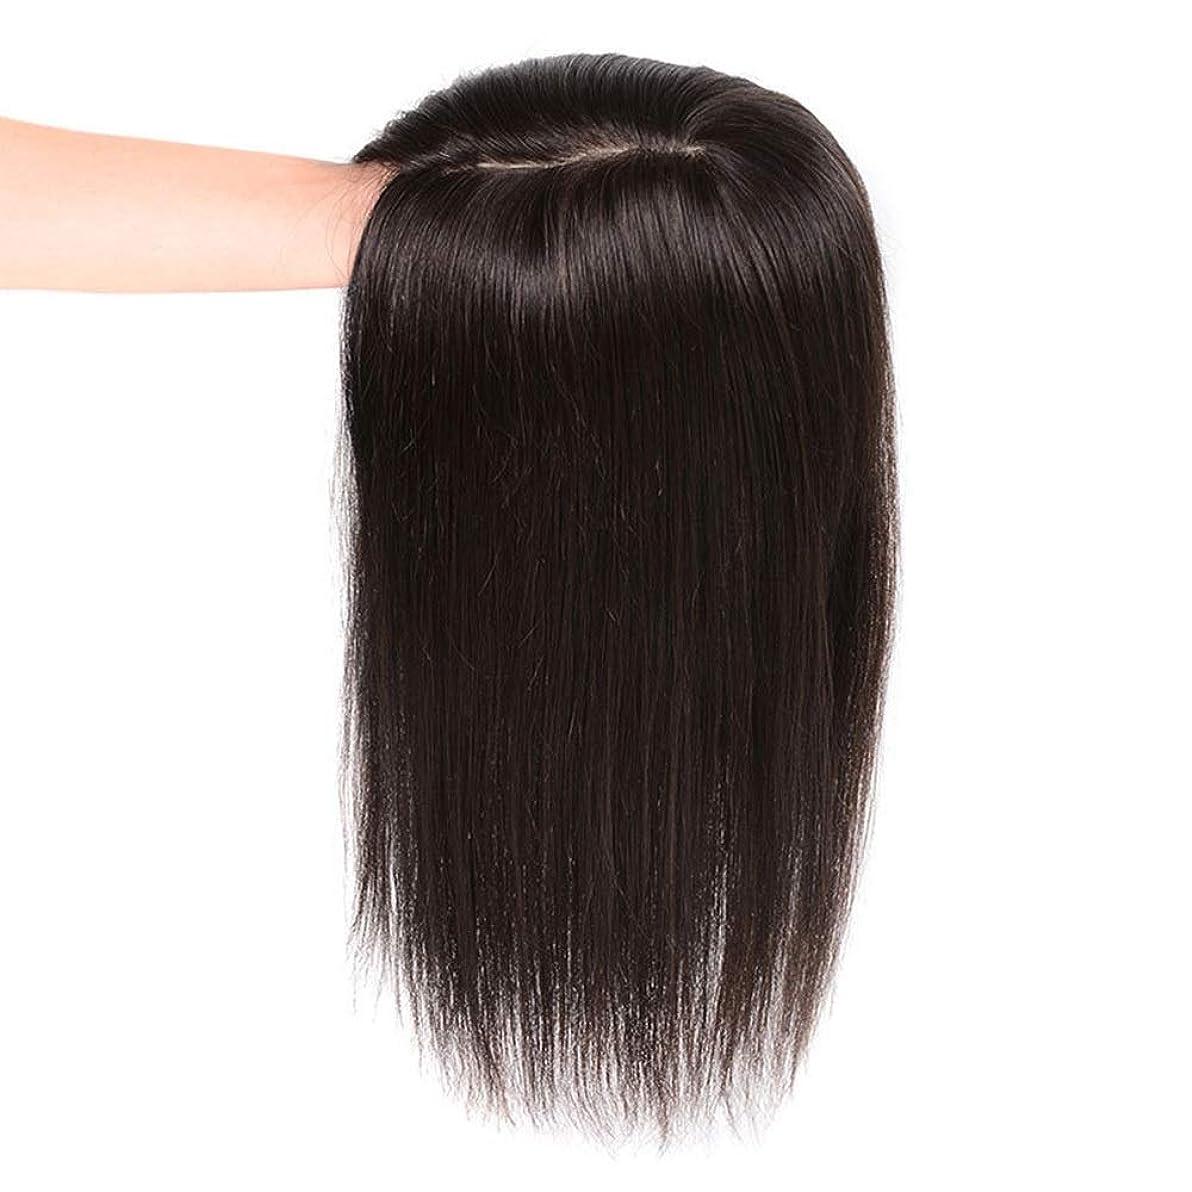 成長サイクル整理するHOHYLLYA 女性のための3Dハンドニードルリアルヘアウィッグナチュラルヘアエクステンションホワイトヘアパーティーウィッグ (色 : Natural black, サイズ : [9x14]30cm)